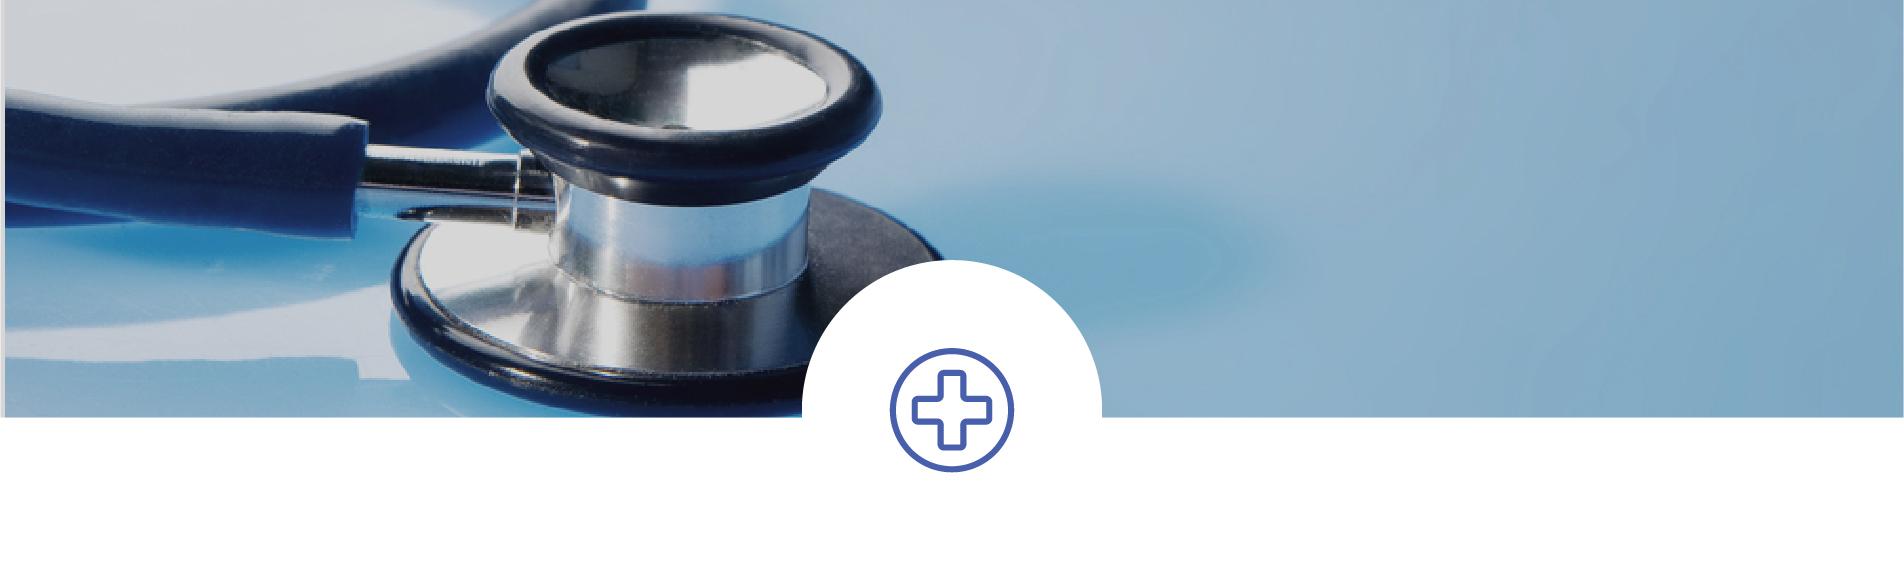 TPAL-Header-Banner-Medical Qlm Medical Claim Form on